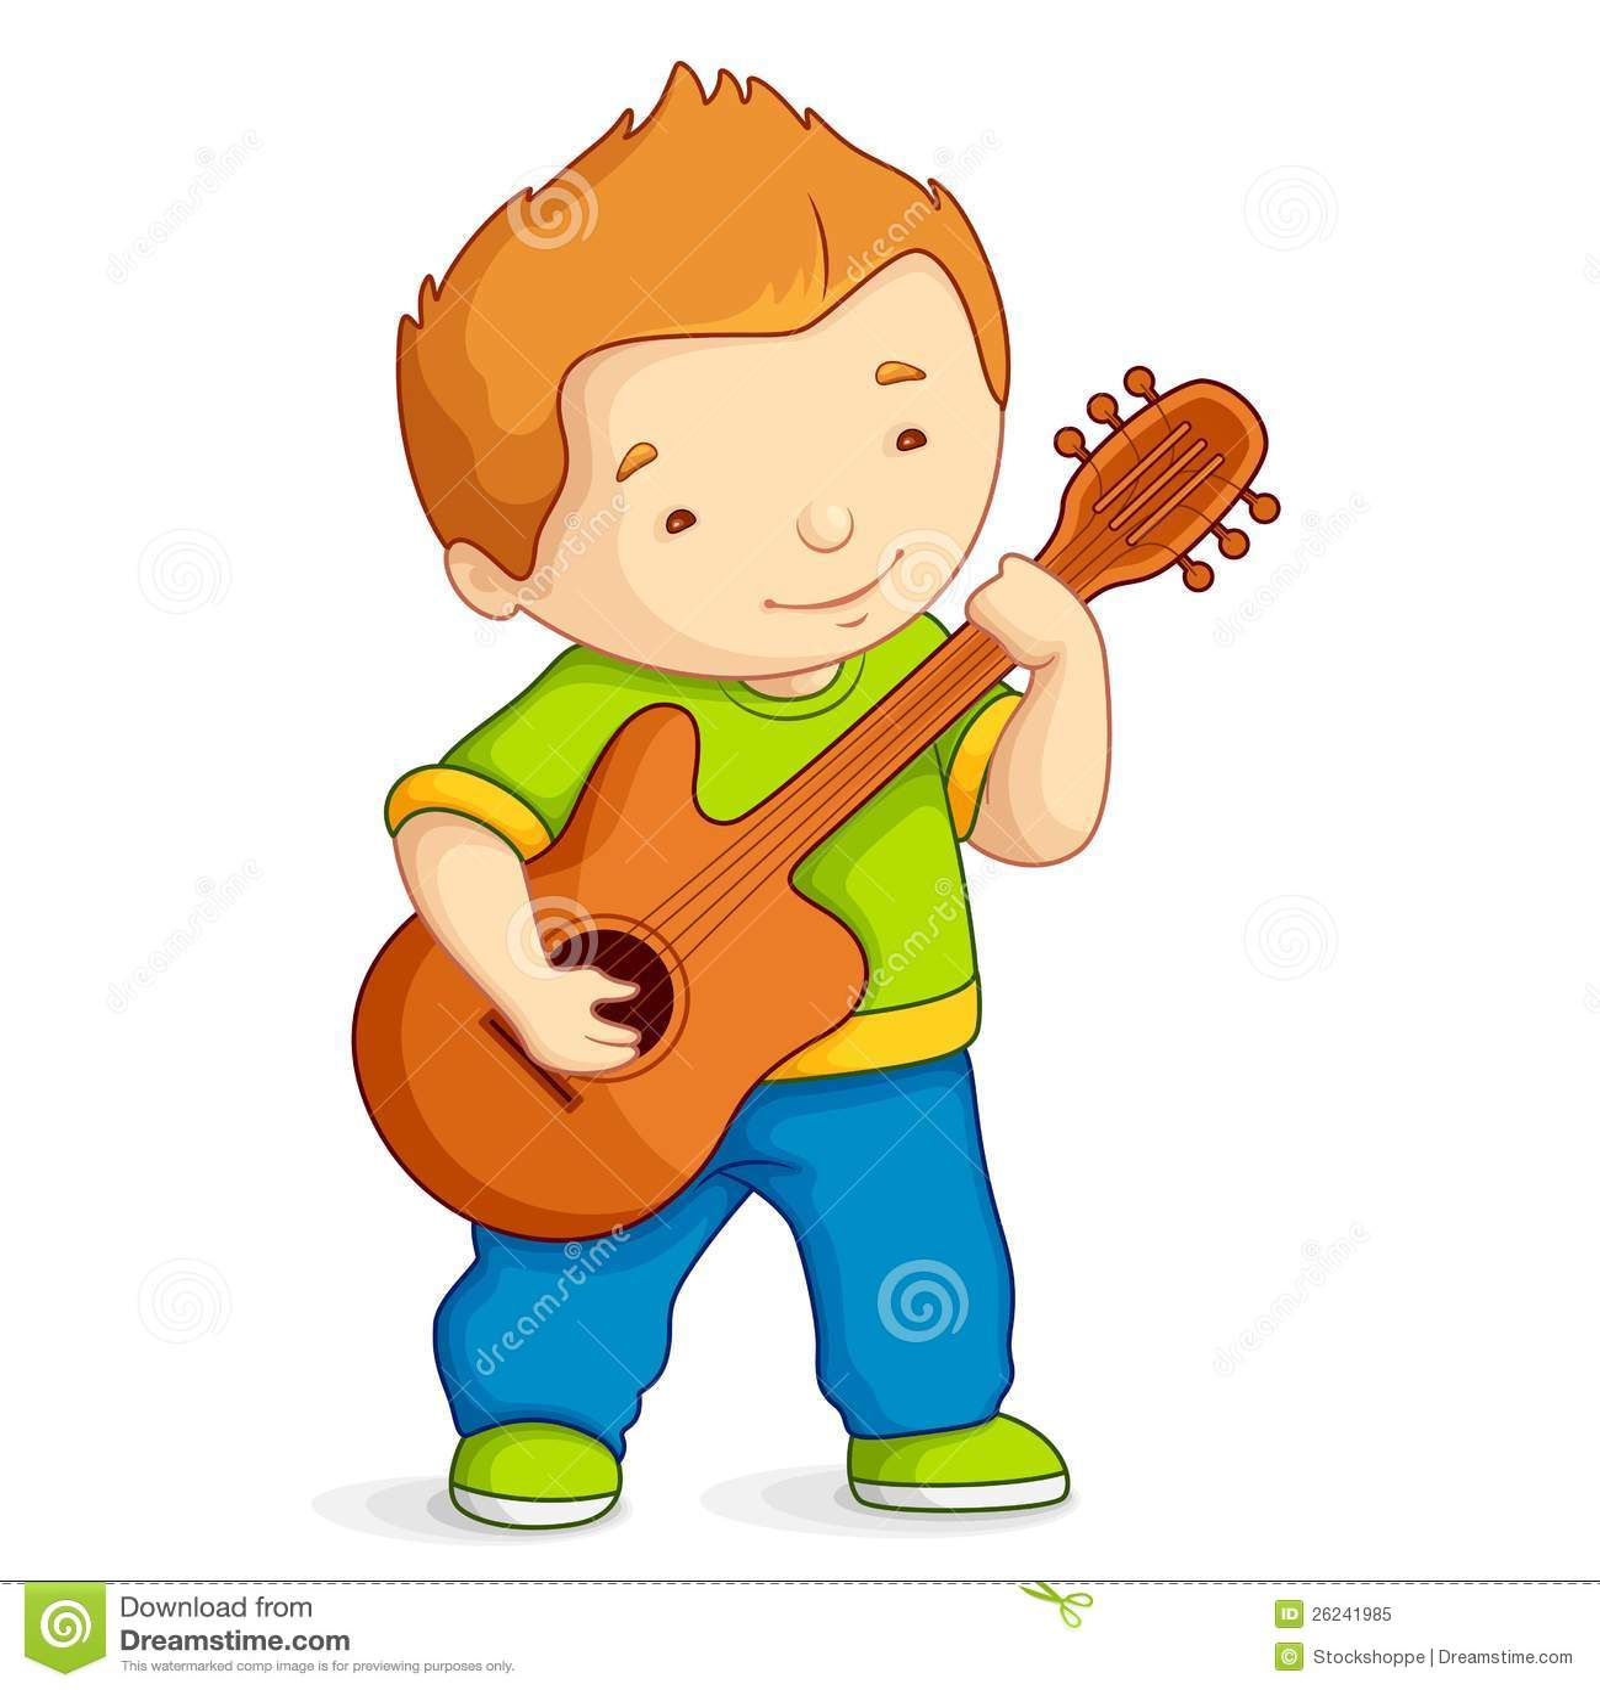 Bambino che gioca chitarra illustrazione vettoriale for Konzentrationsschw che kind